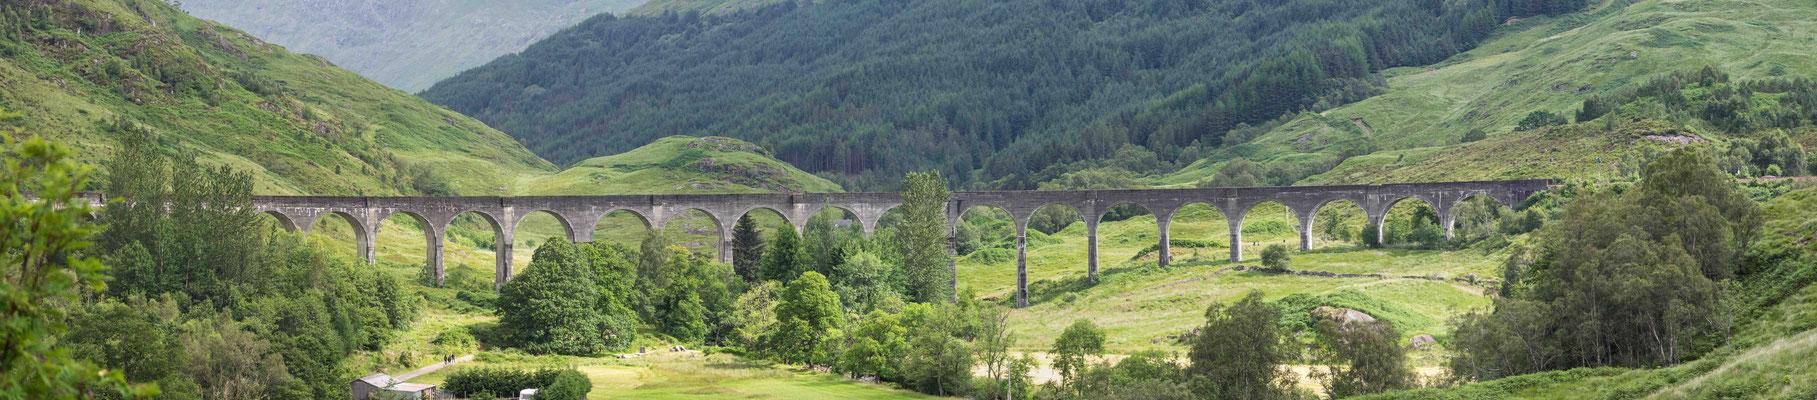 Bild: Das Glenfinnan Viadukt